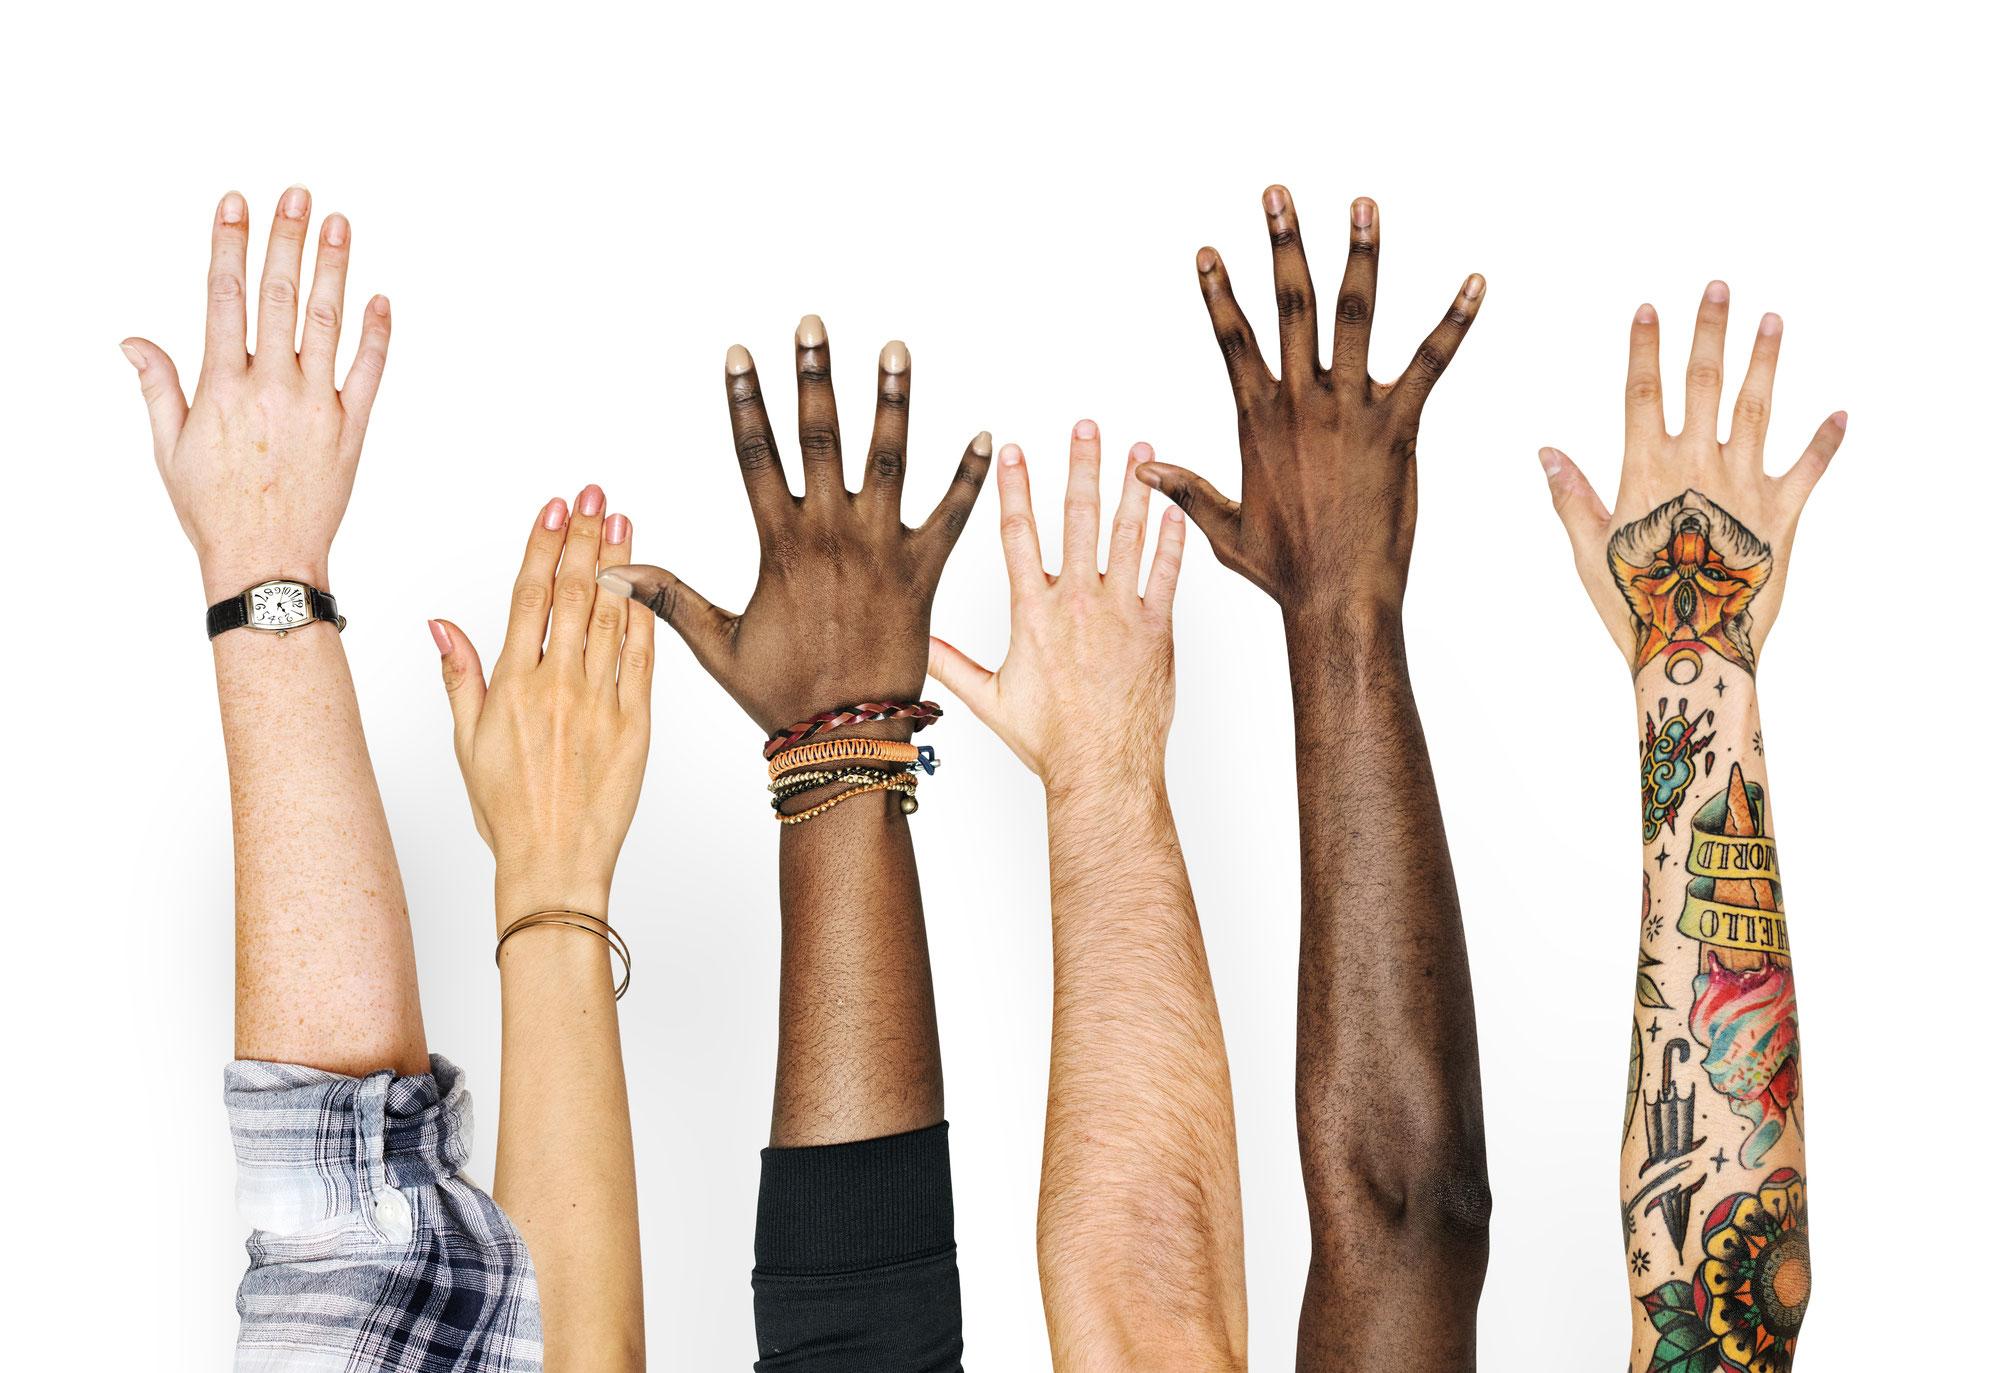 Engagement neu denken für die Welt von morgen - II. Hessischer Engagementkongress vom 09.-10.09.21